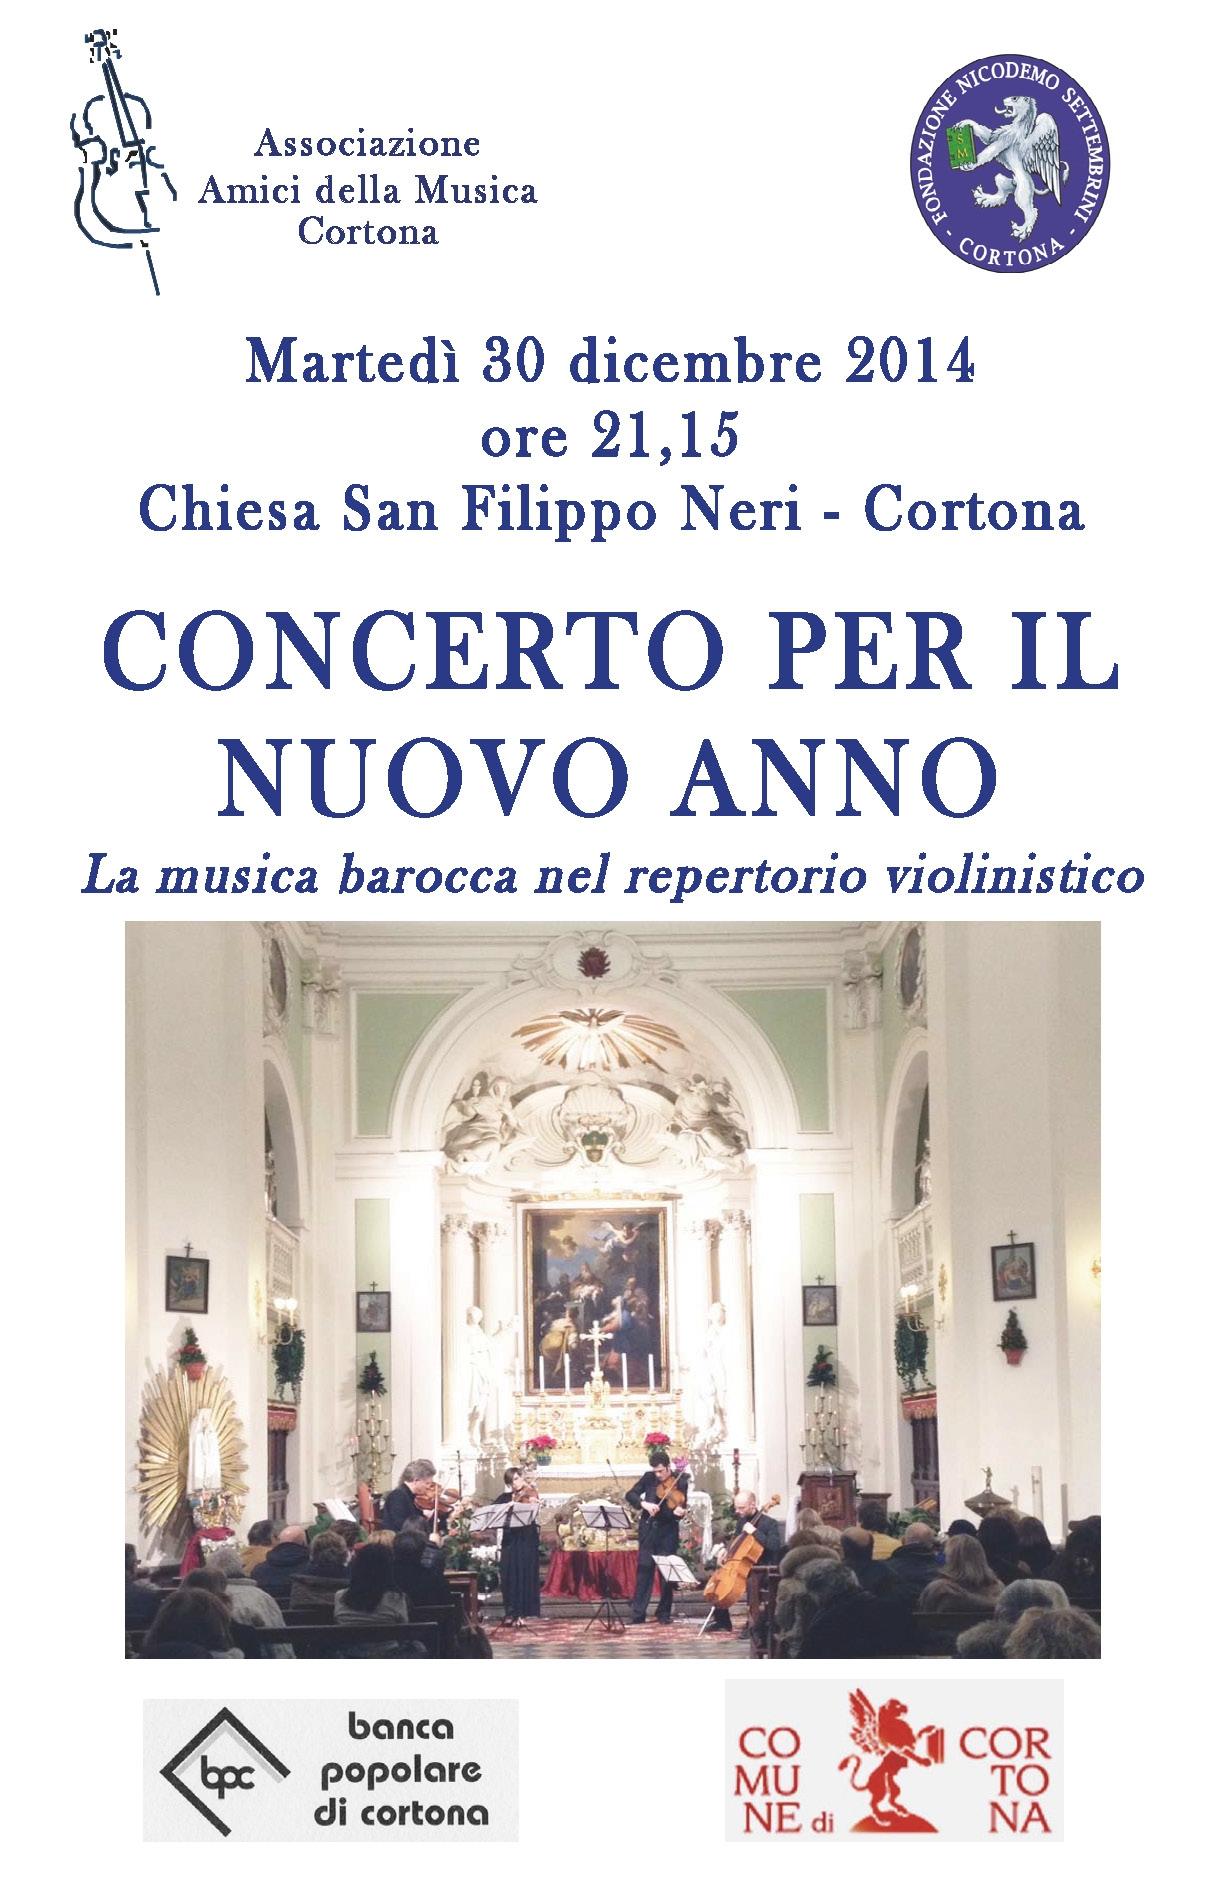 Cortona, 'Concerto per il nuovo anno' a San Filippo